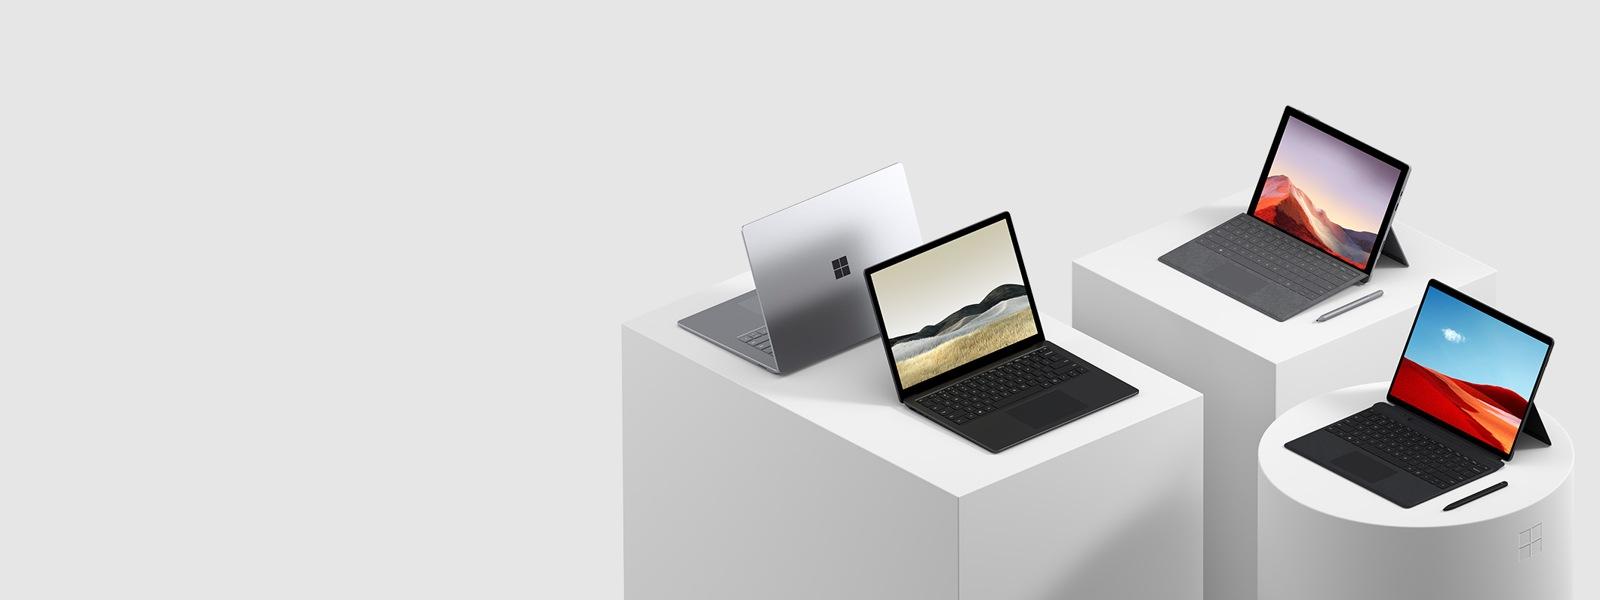 En uppvisning av Surface-datorer och -surfplattor.